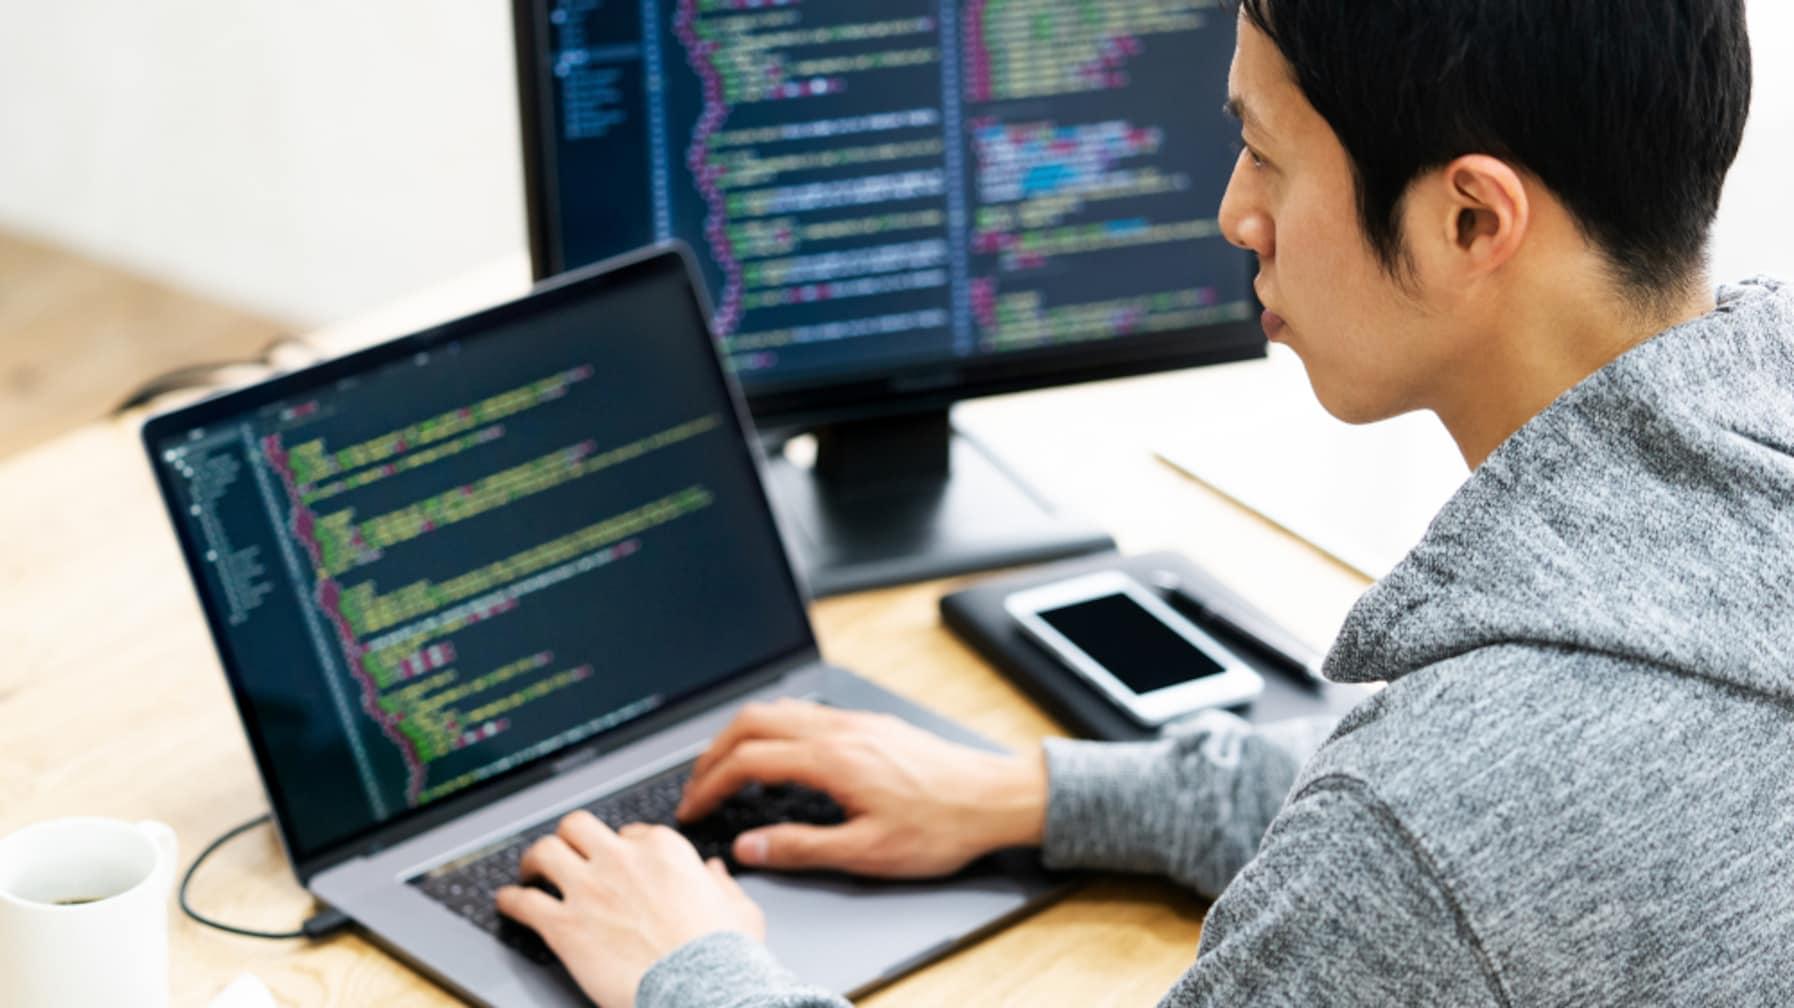 「イキってMac買うな…」プログラミング初心者が気を付けるべき5つのことがタメになる